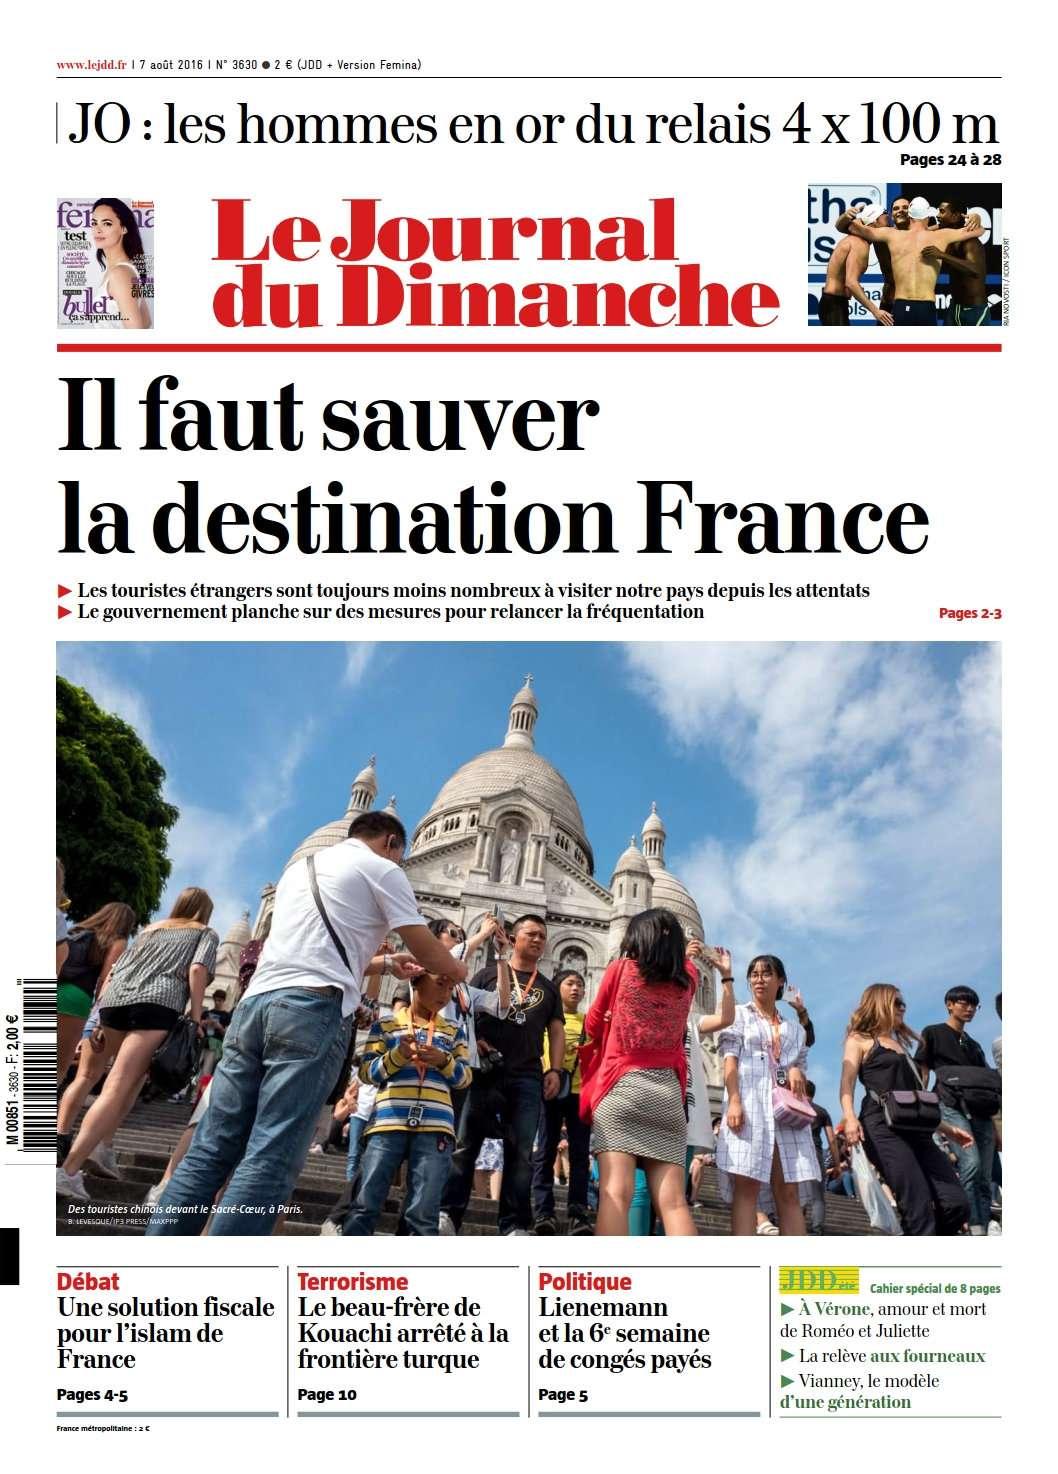 Le Journal du Dimanche 3630 du 7 Août 2016